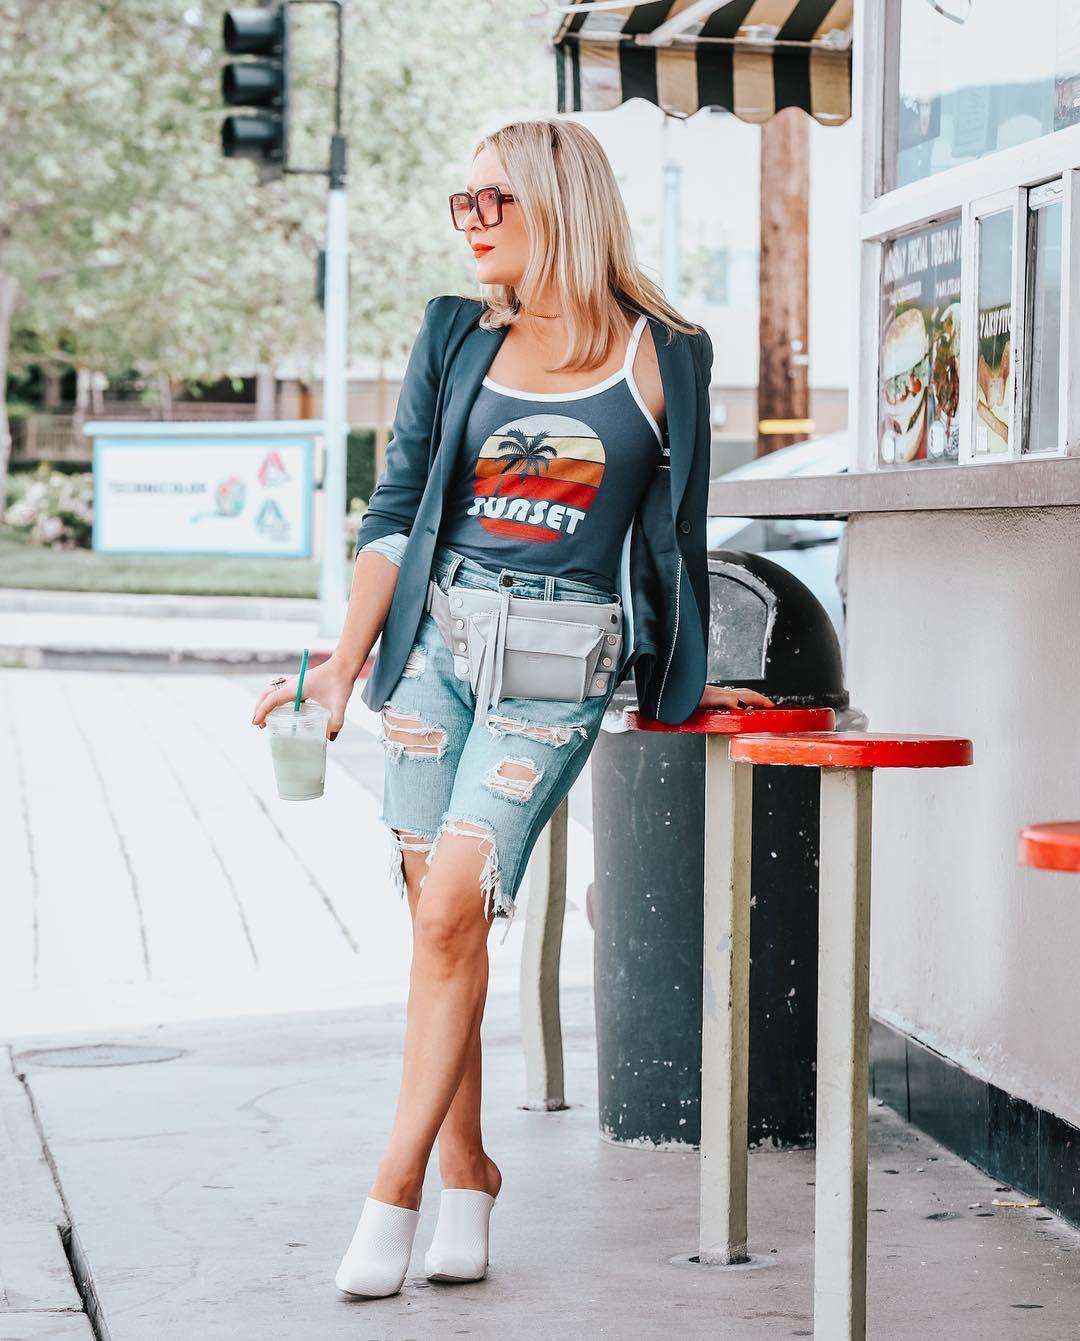 с чем носить шорты летом женщинам после 40-50 лет фото 9